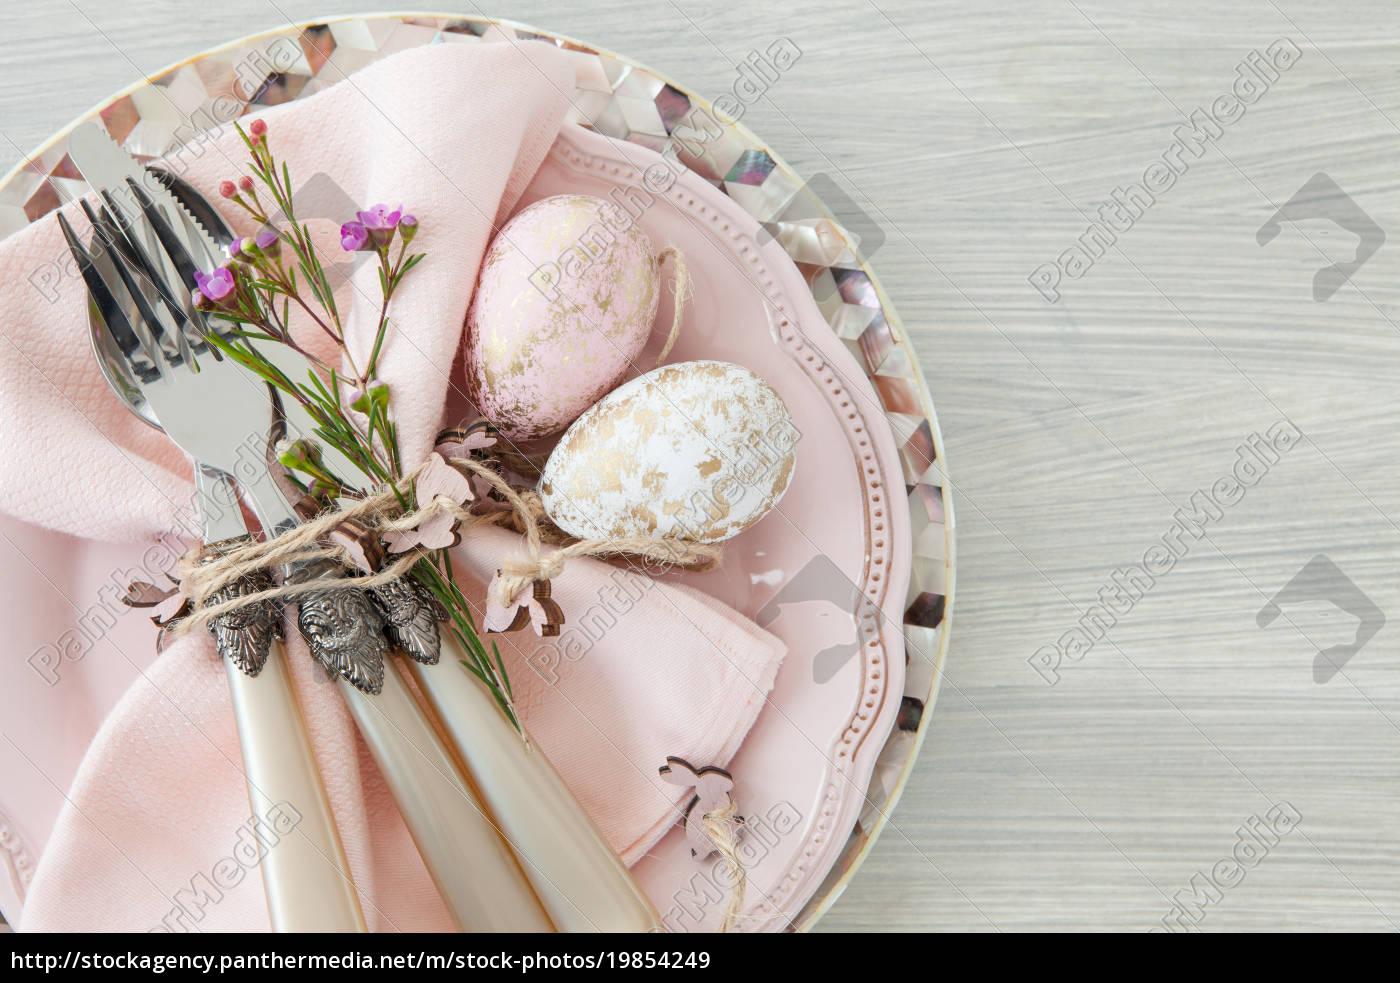 dekoratives, tischgedeck, zu, ostern - 19854249